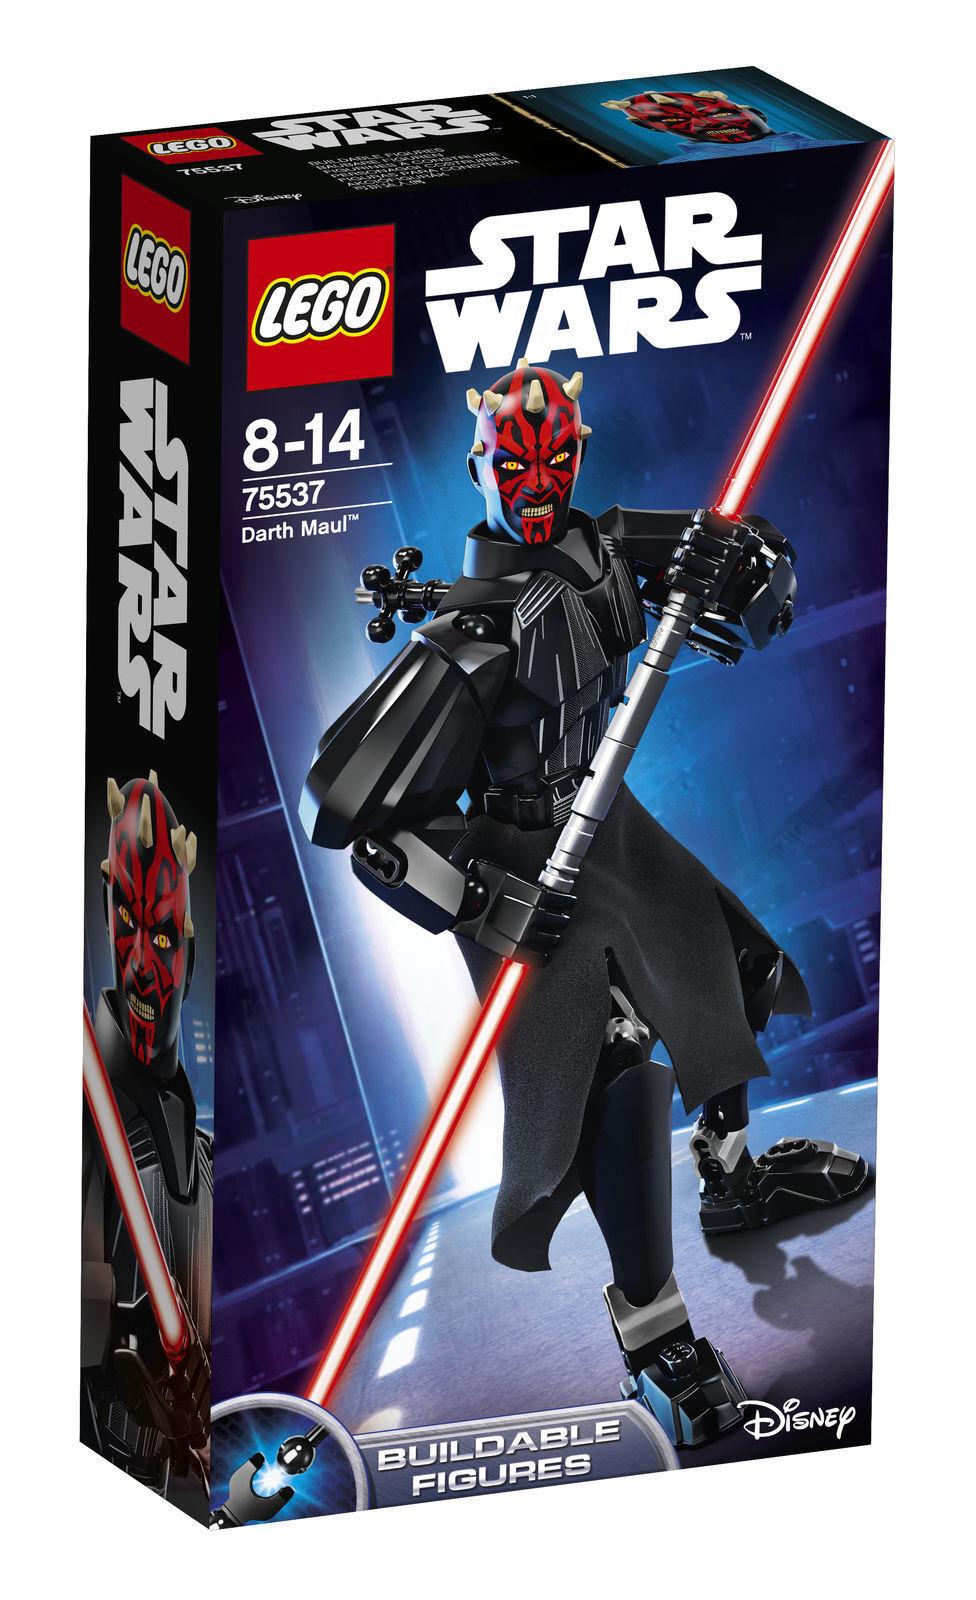 LEGO Star Wars Darth Maul 2018 (75537)